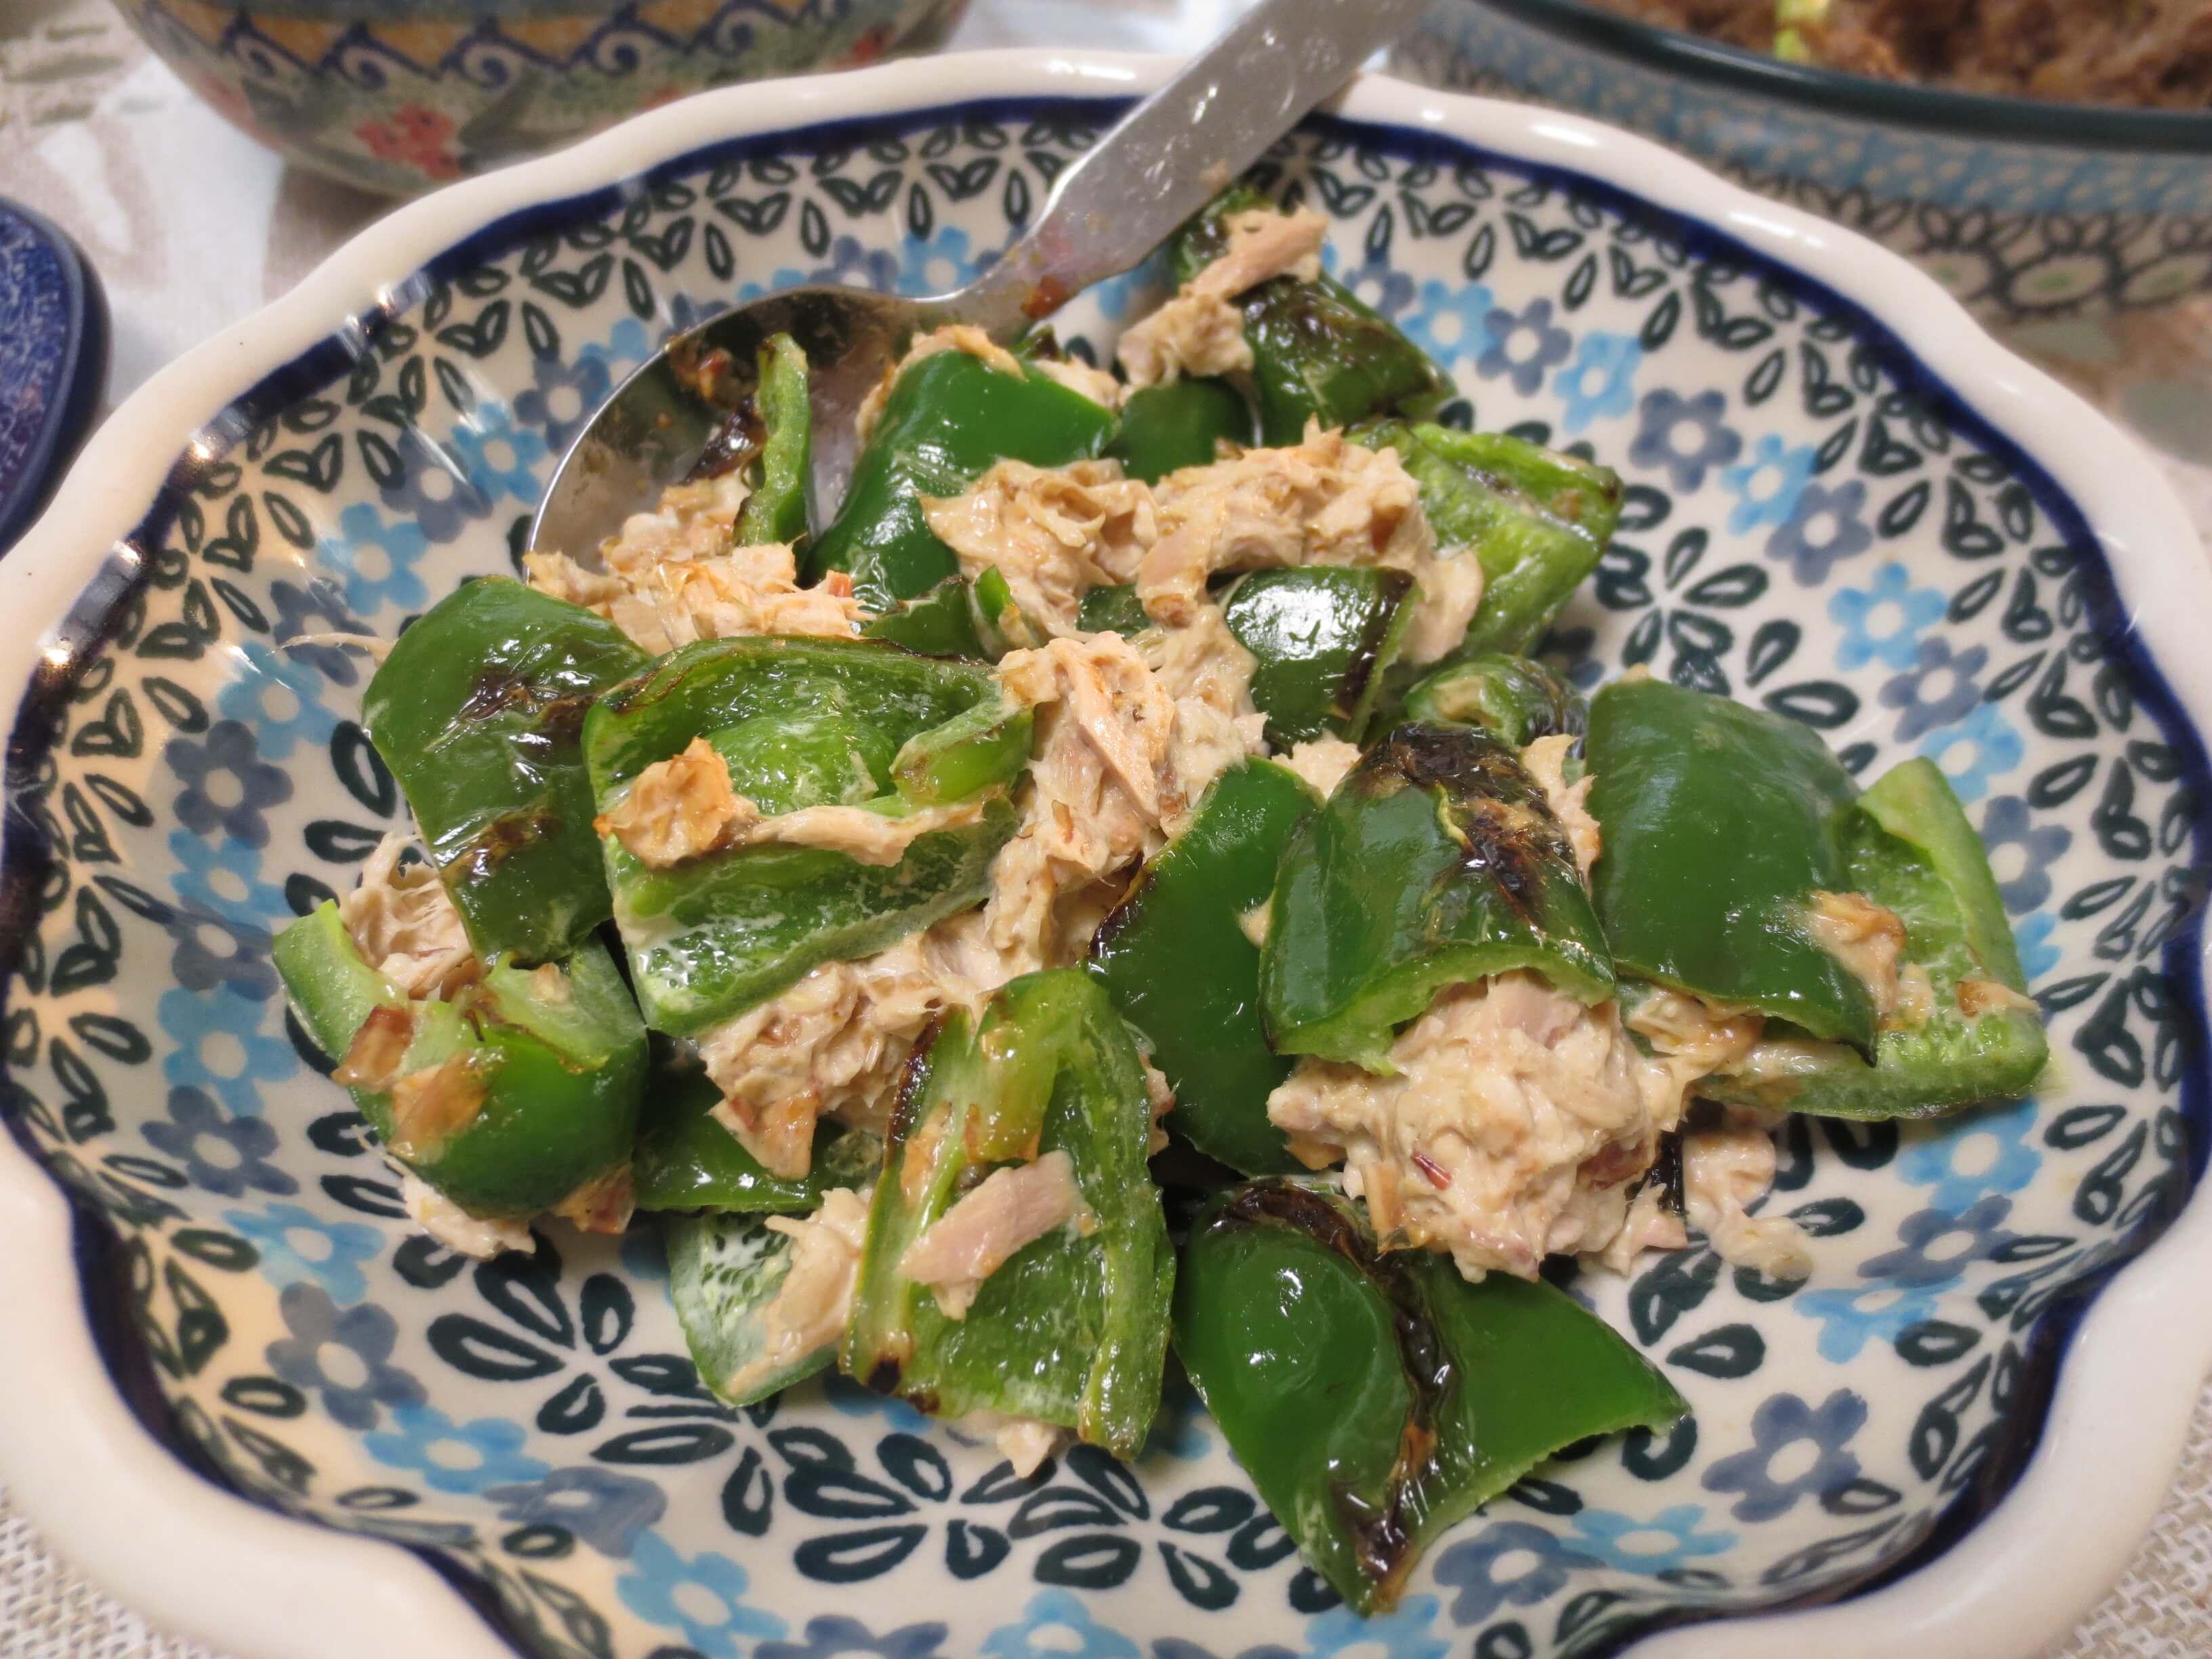 無農薬野菜のミレーお試しセット口コミ22